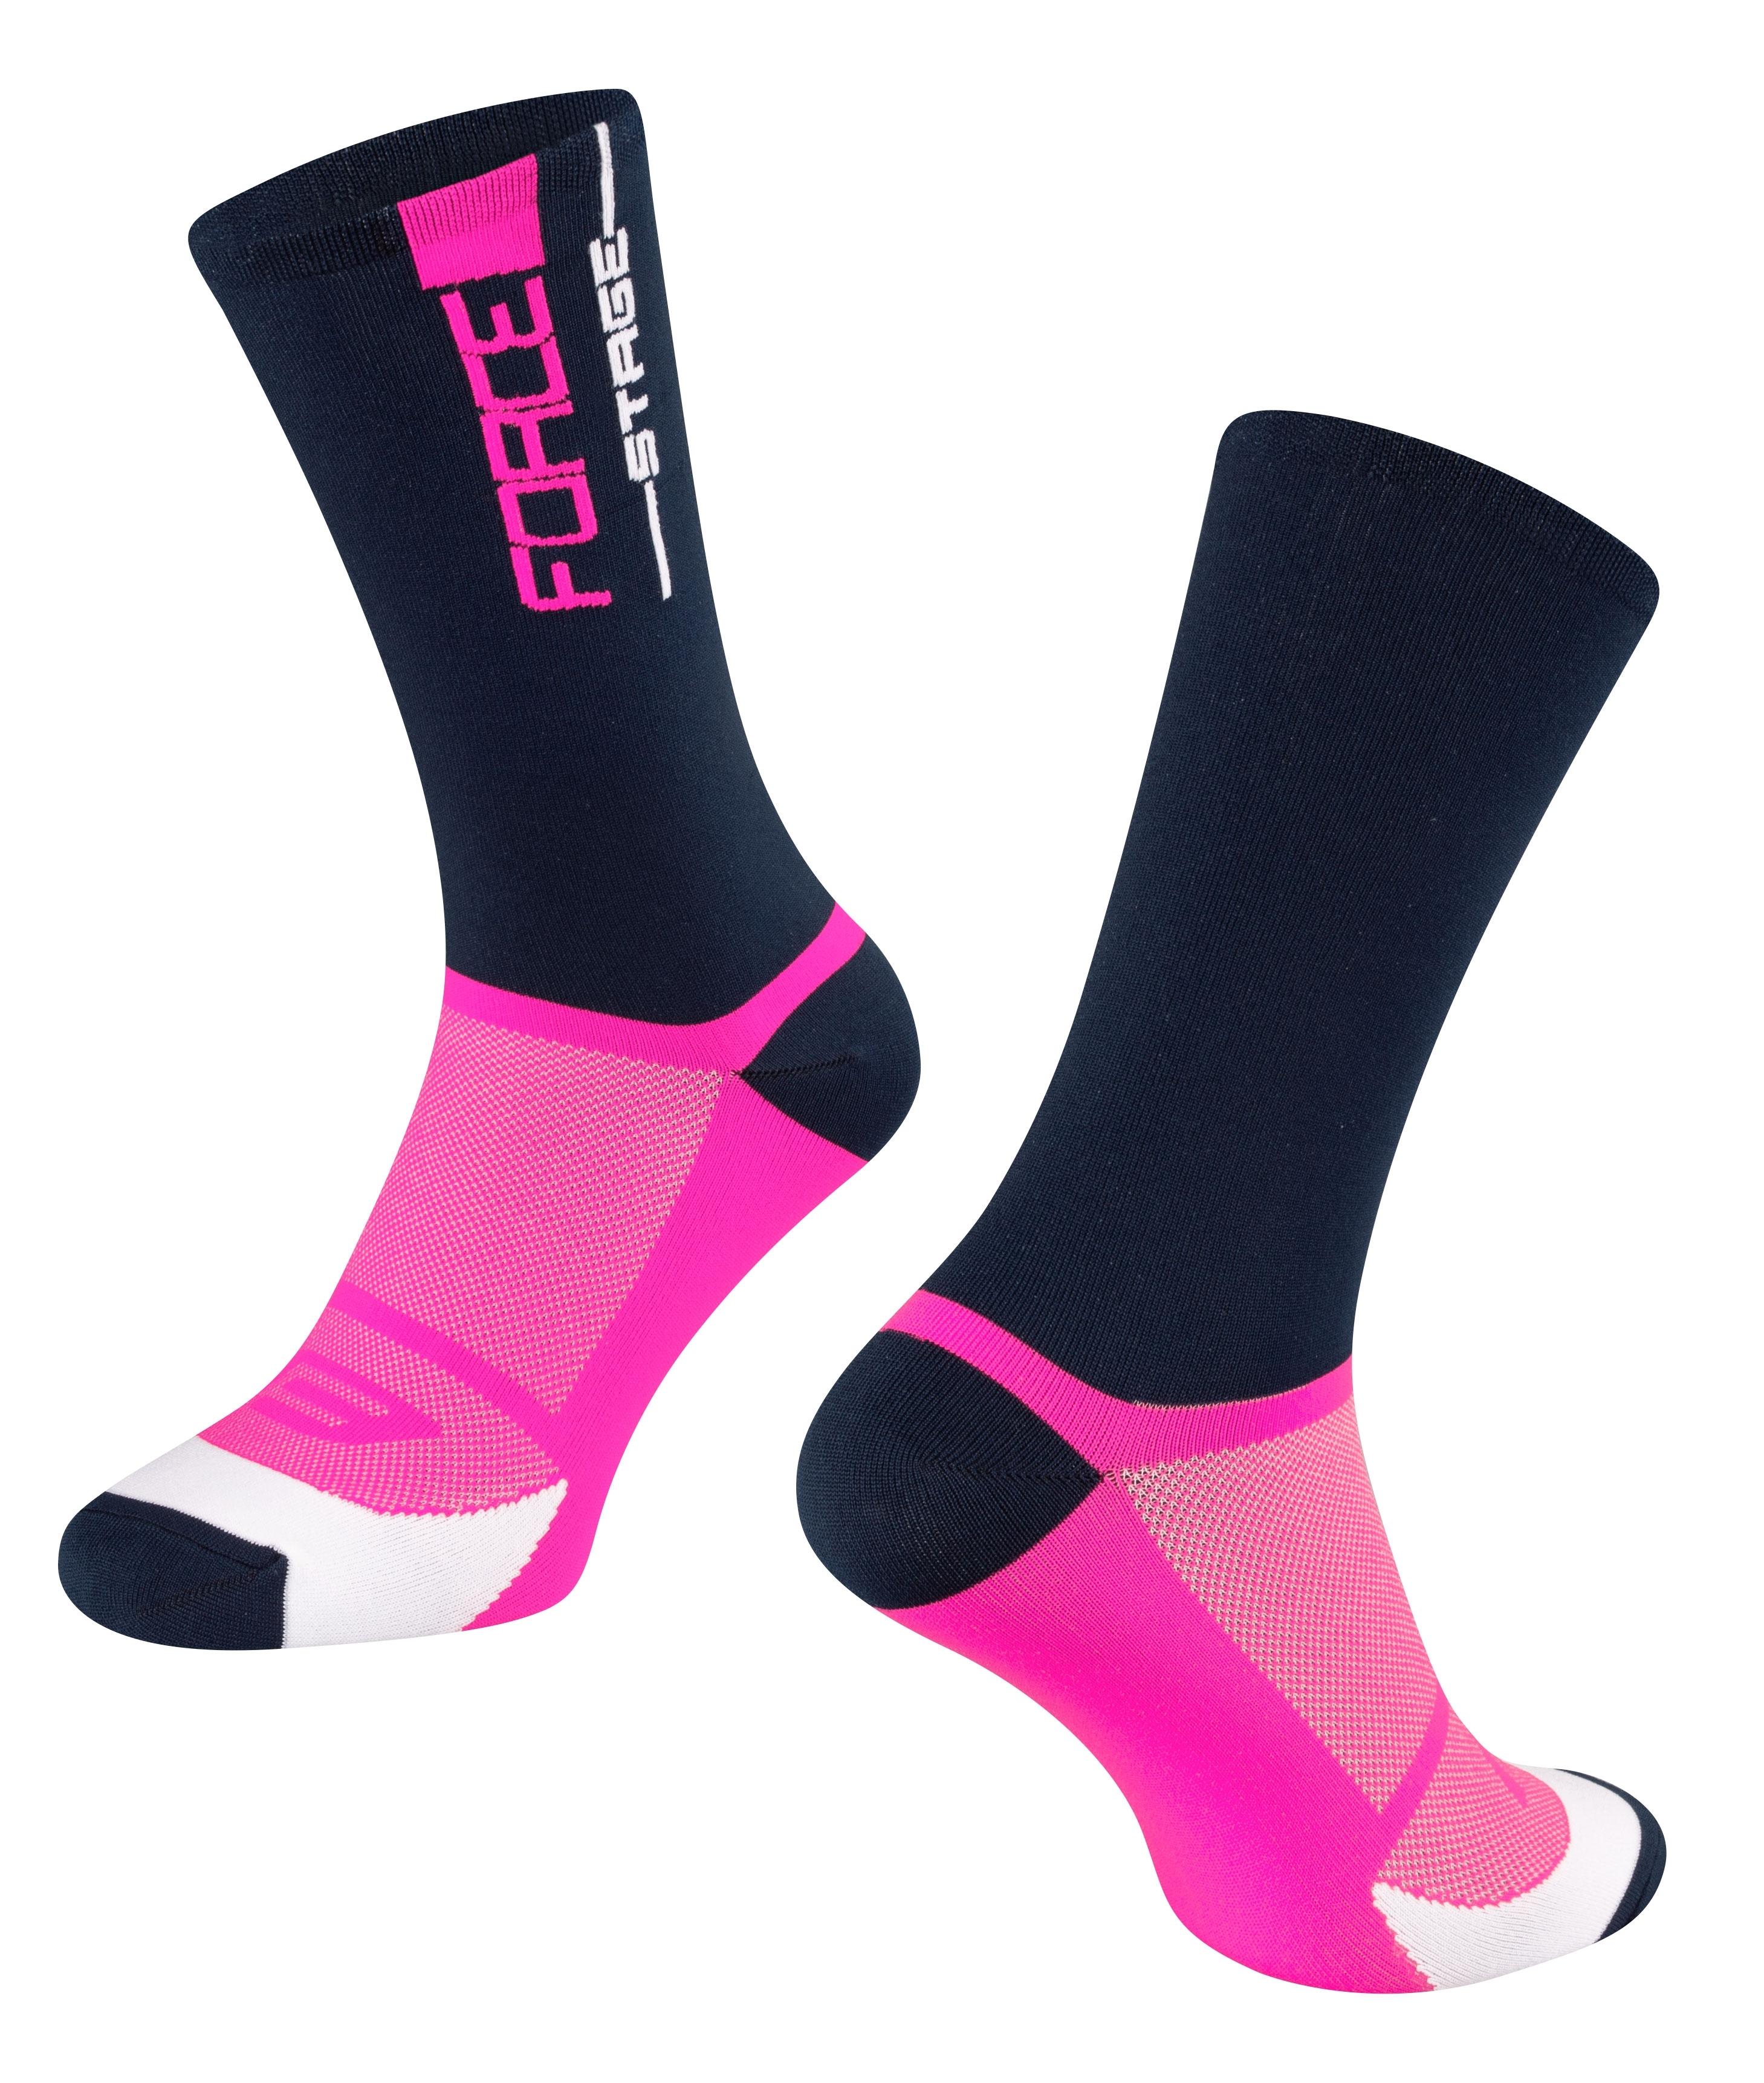 ponožky FORCE STAGE, modro-růžové L-XL/42-46